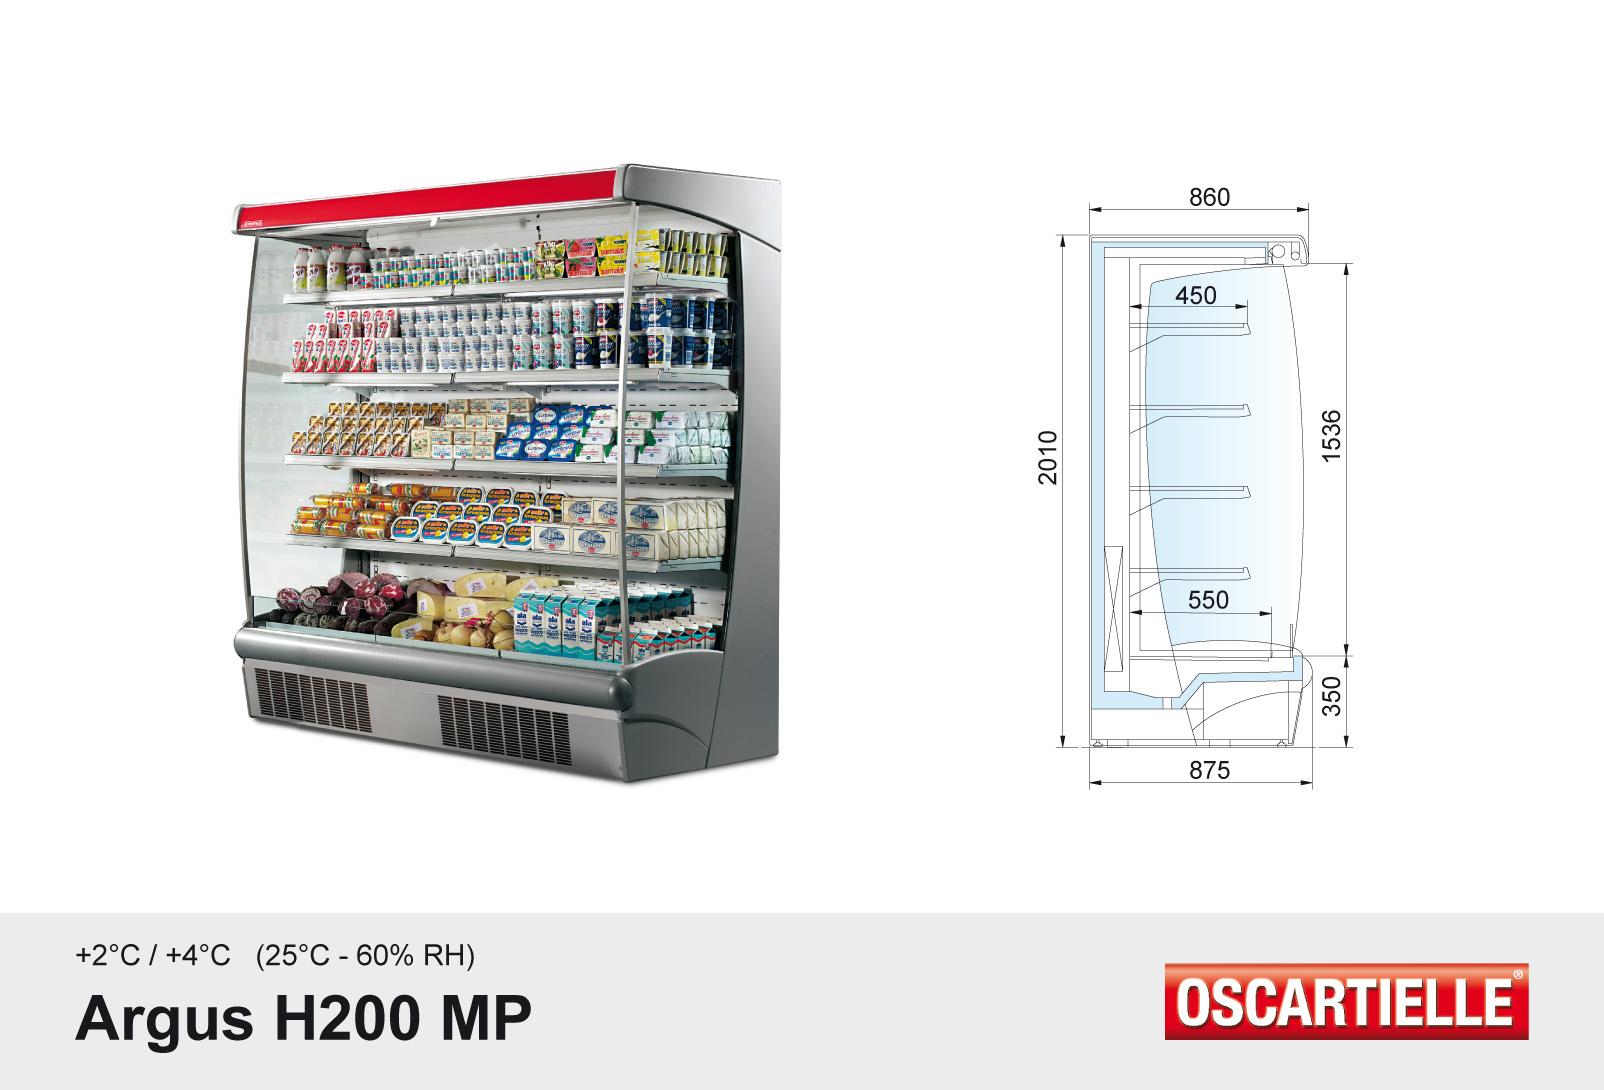 Argus H200 XP/MP/ST/FV met ingebouwde koelgroep